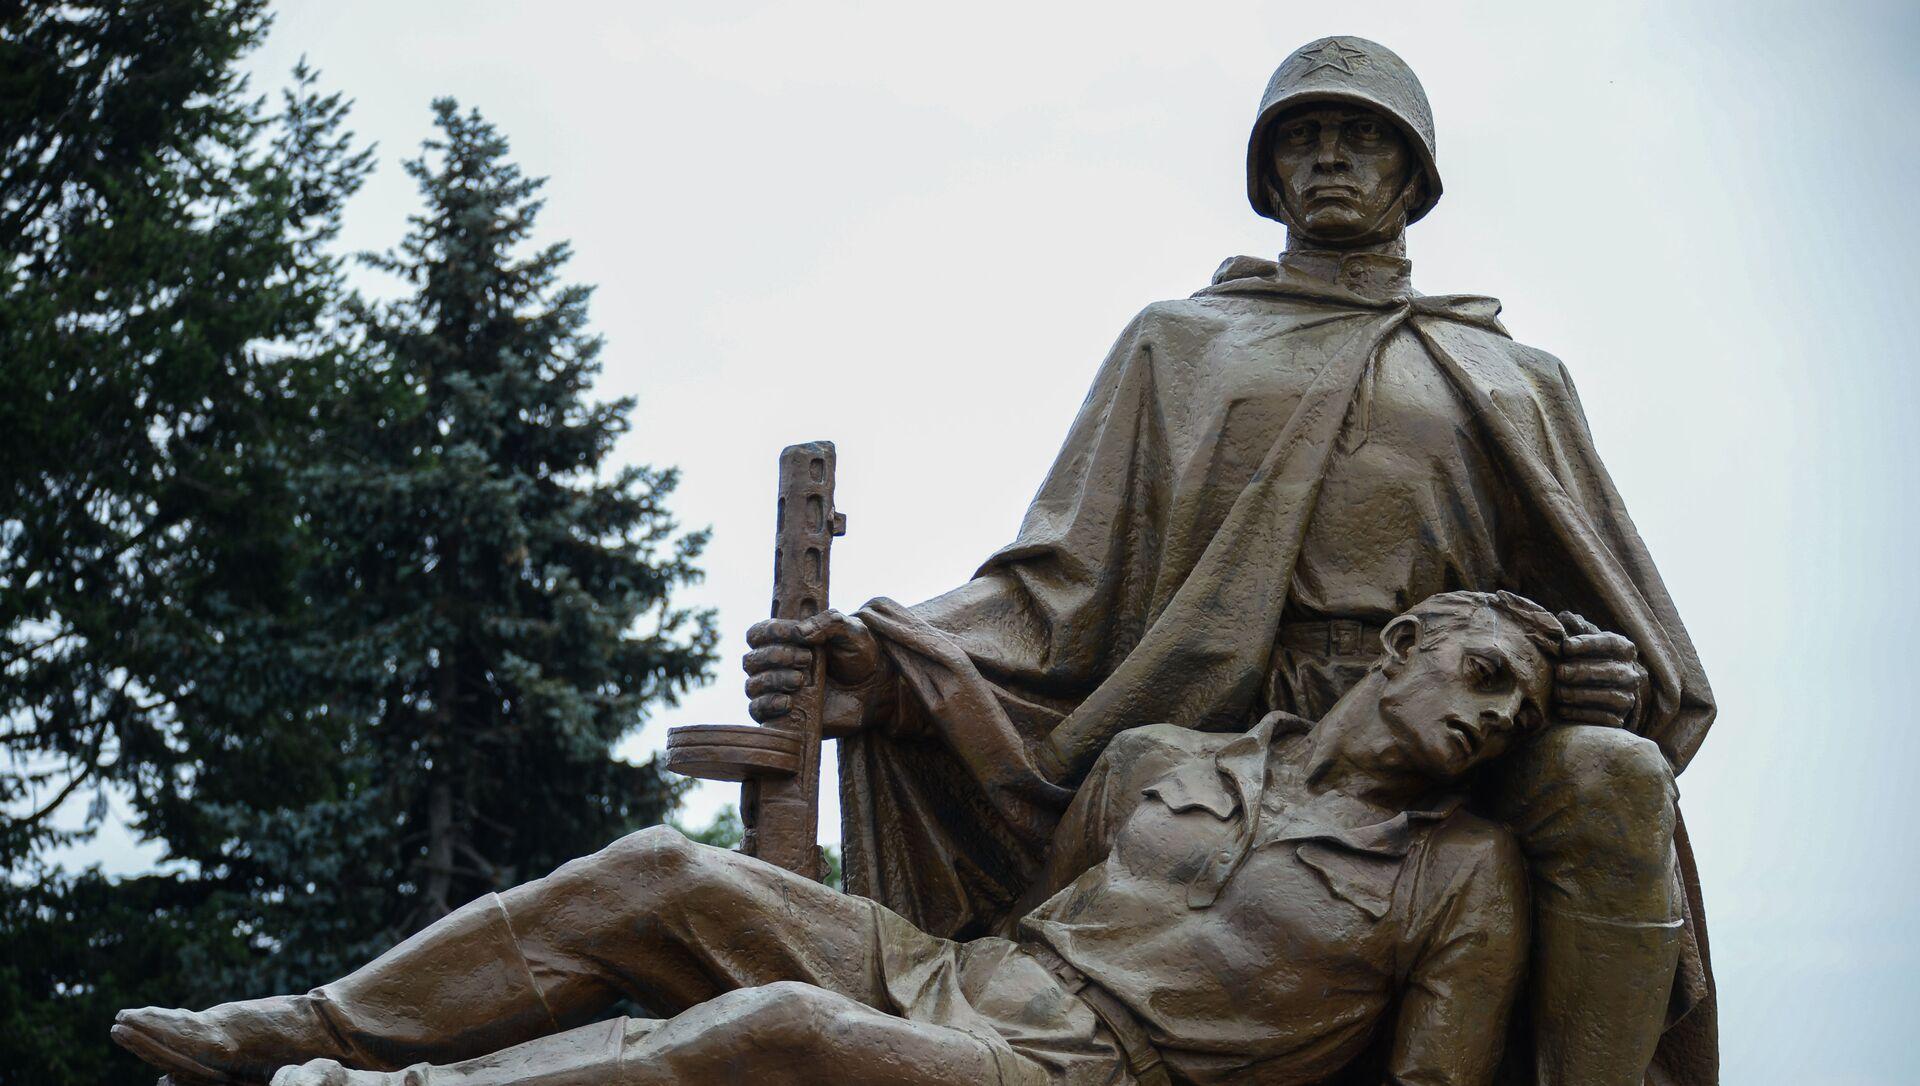 Pomnik żołnierzy radzieckich w Warszawie - Sputnik Polska, 1920, 09.05.2021